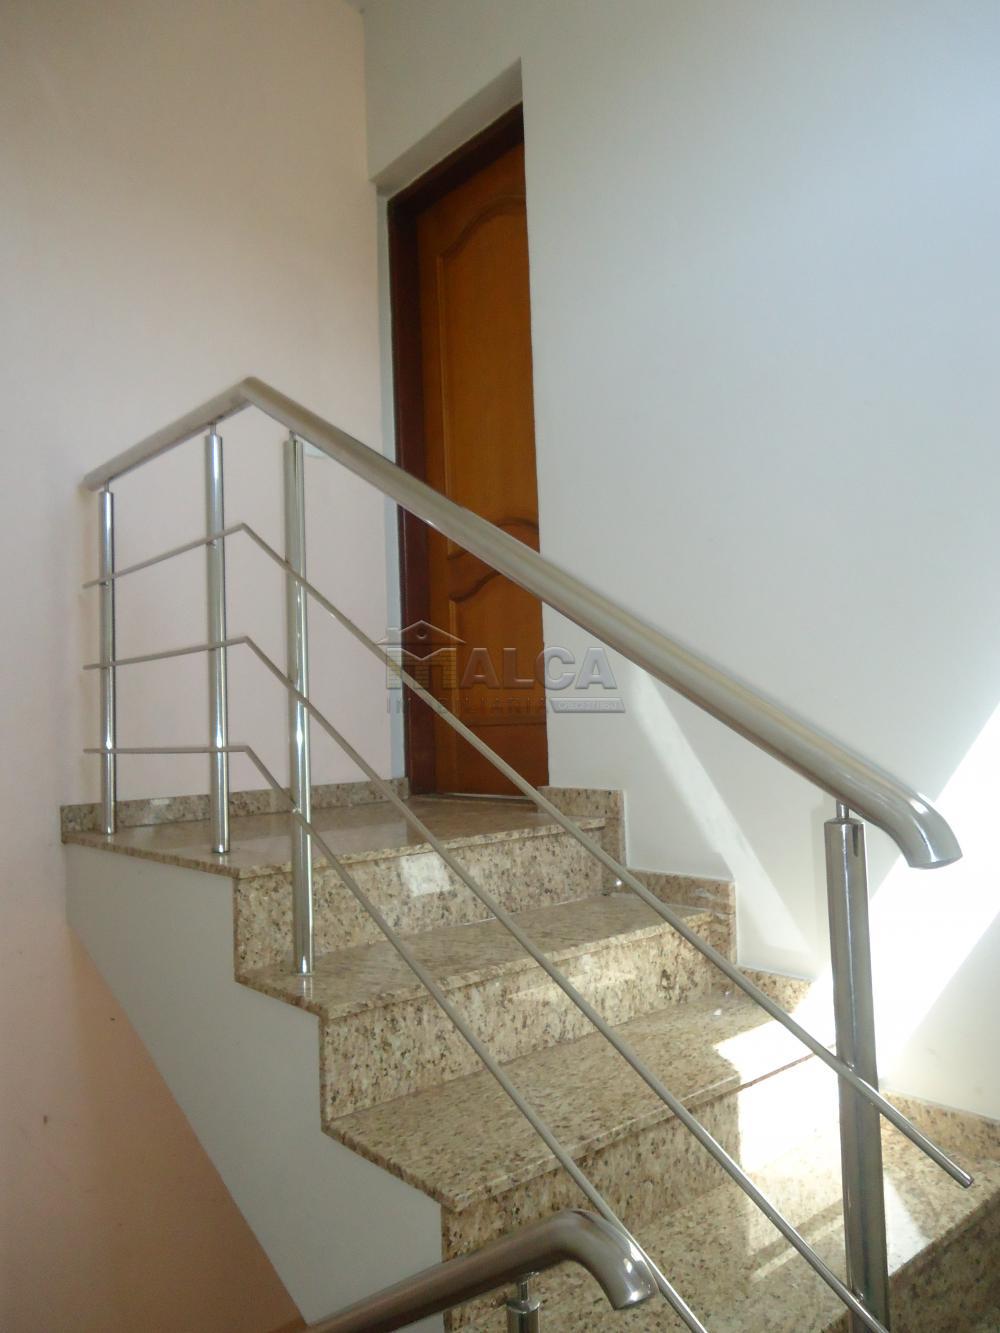 Alugar Apartamentos / Padrão em São José do Rio Pardo R$ 950,00 - Foto 6